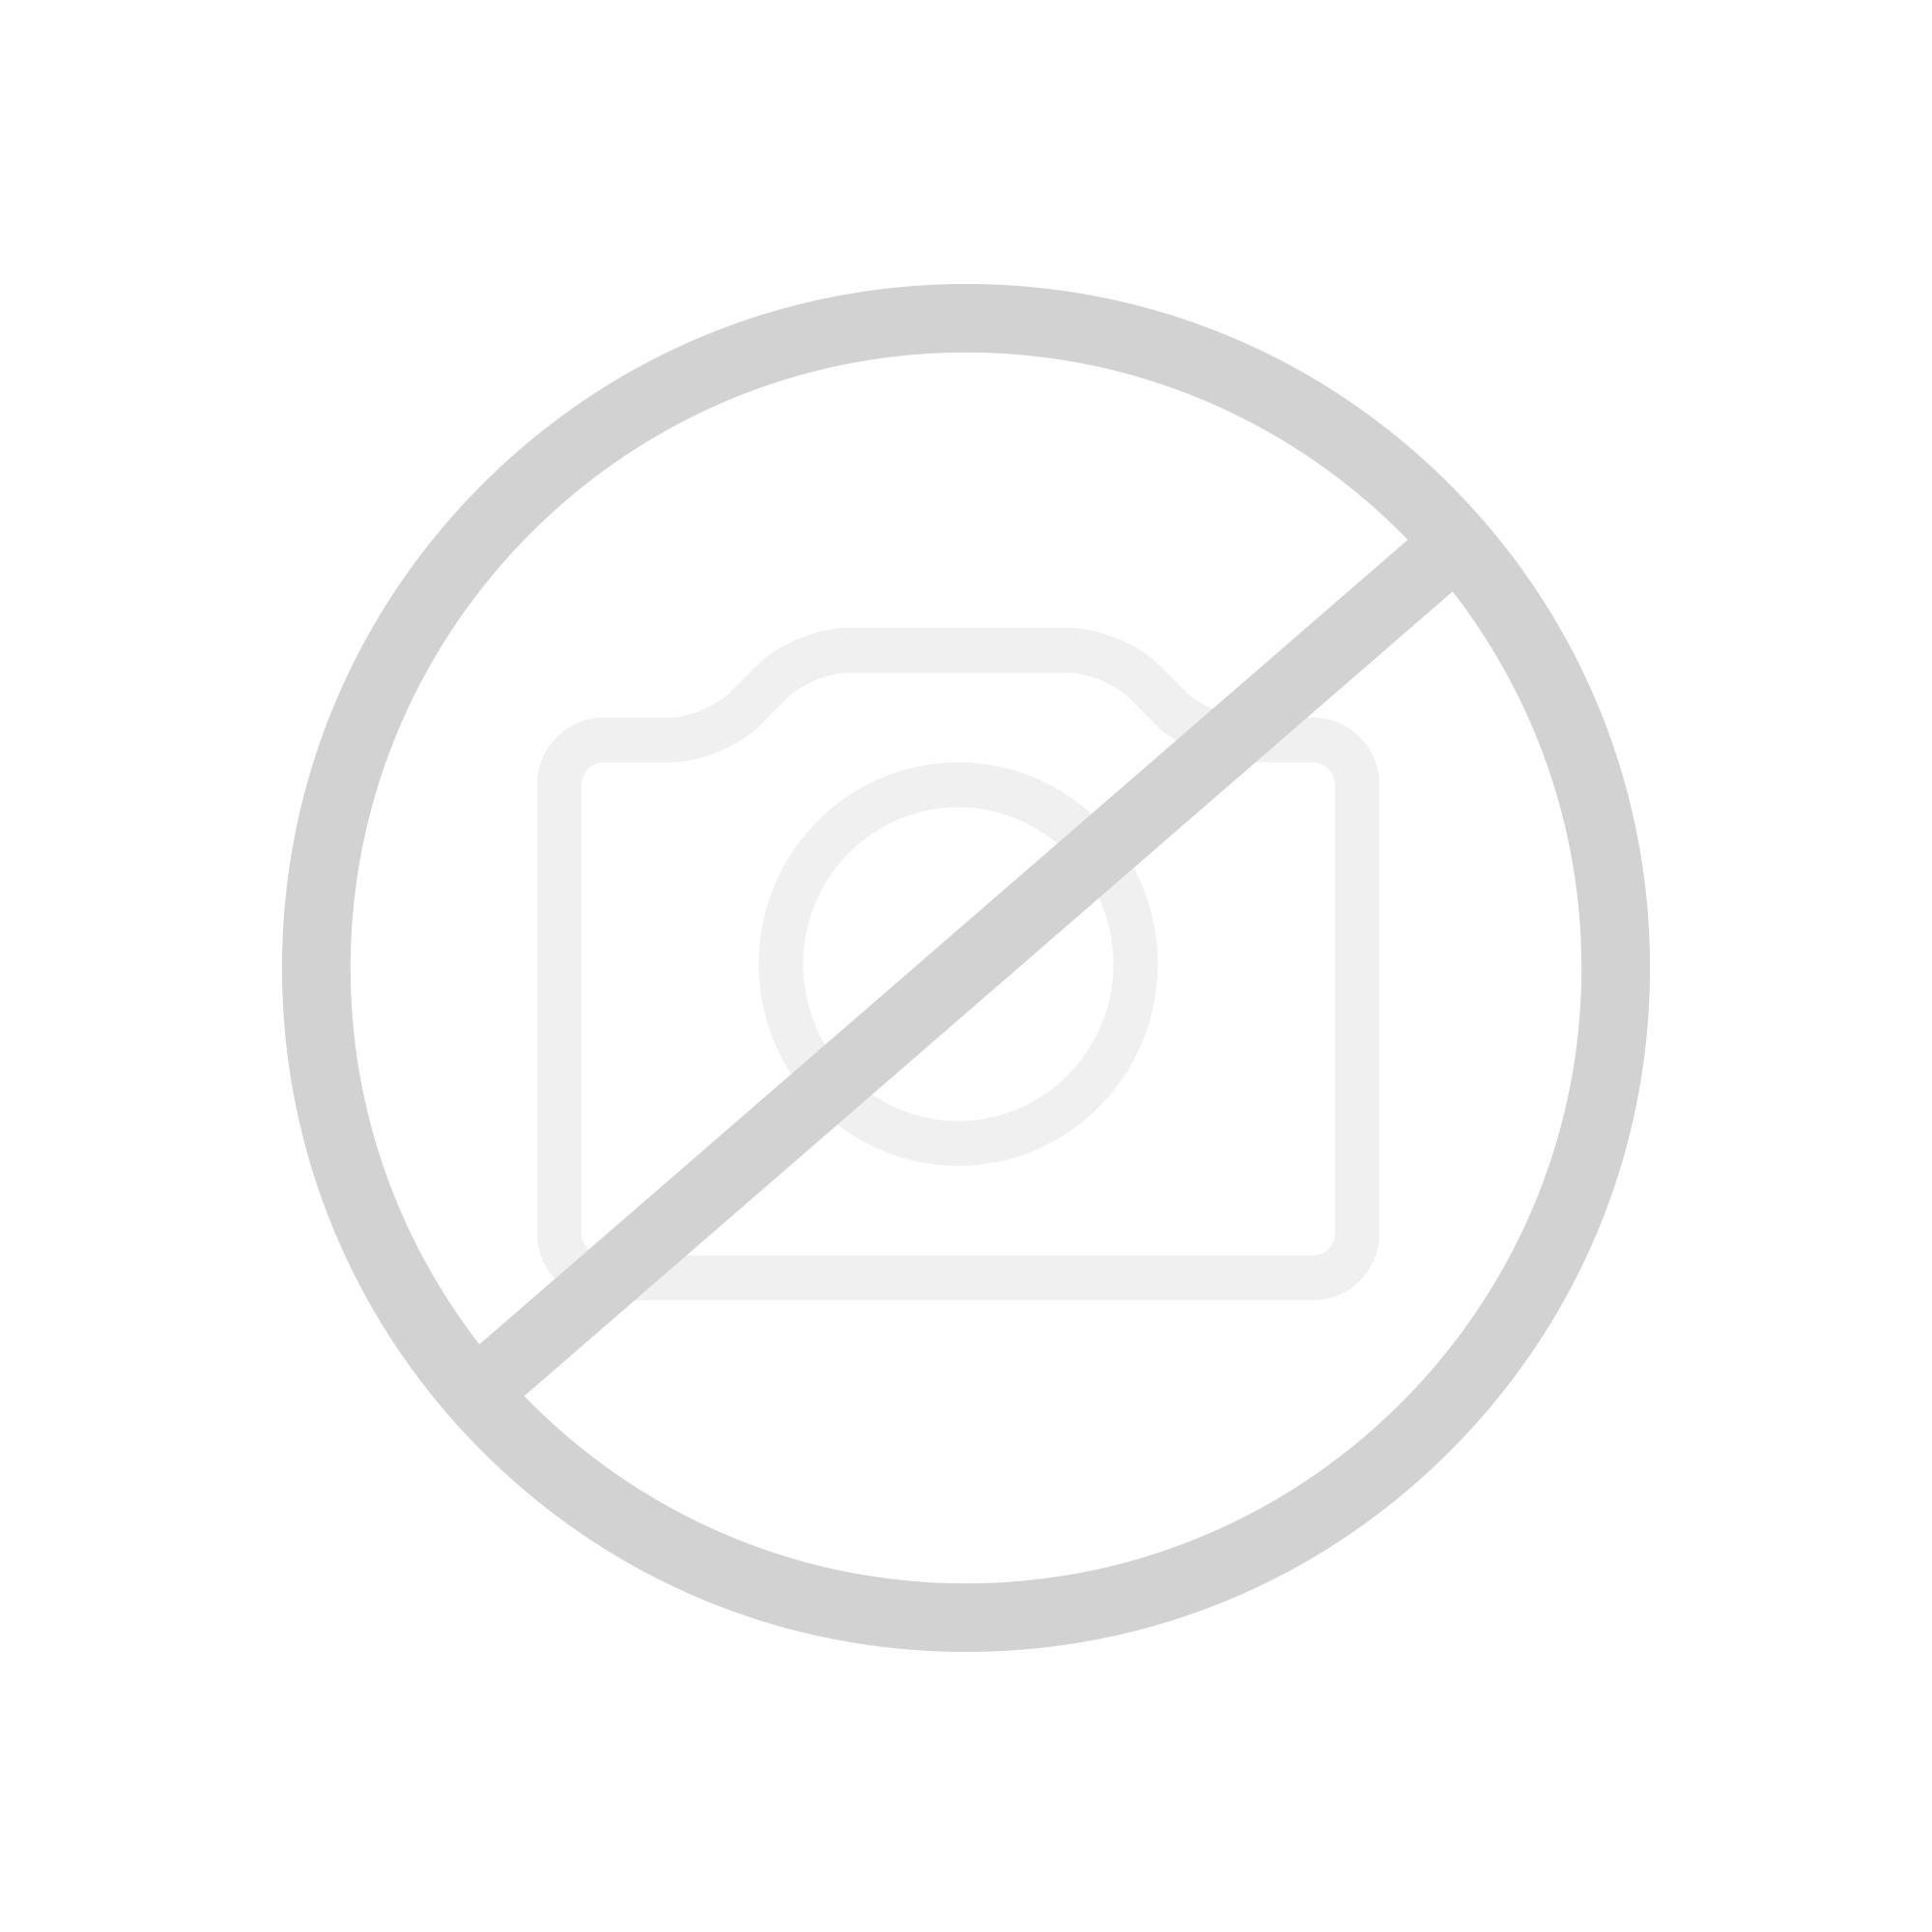 handtuchhalter f rs bad g nstig kaufen bei reuter. Black Bedroom Furniture Sets. Home Design Ideas